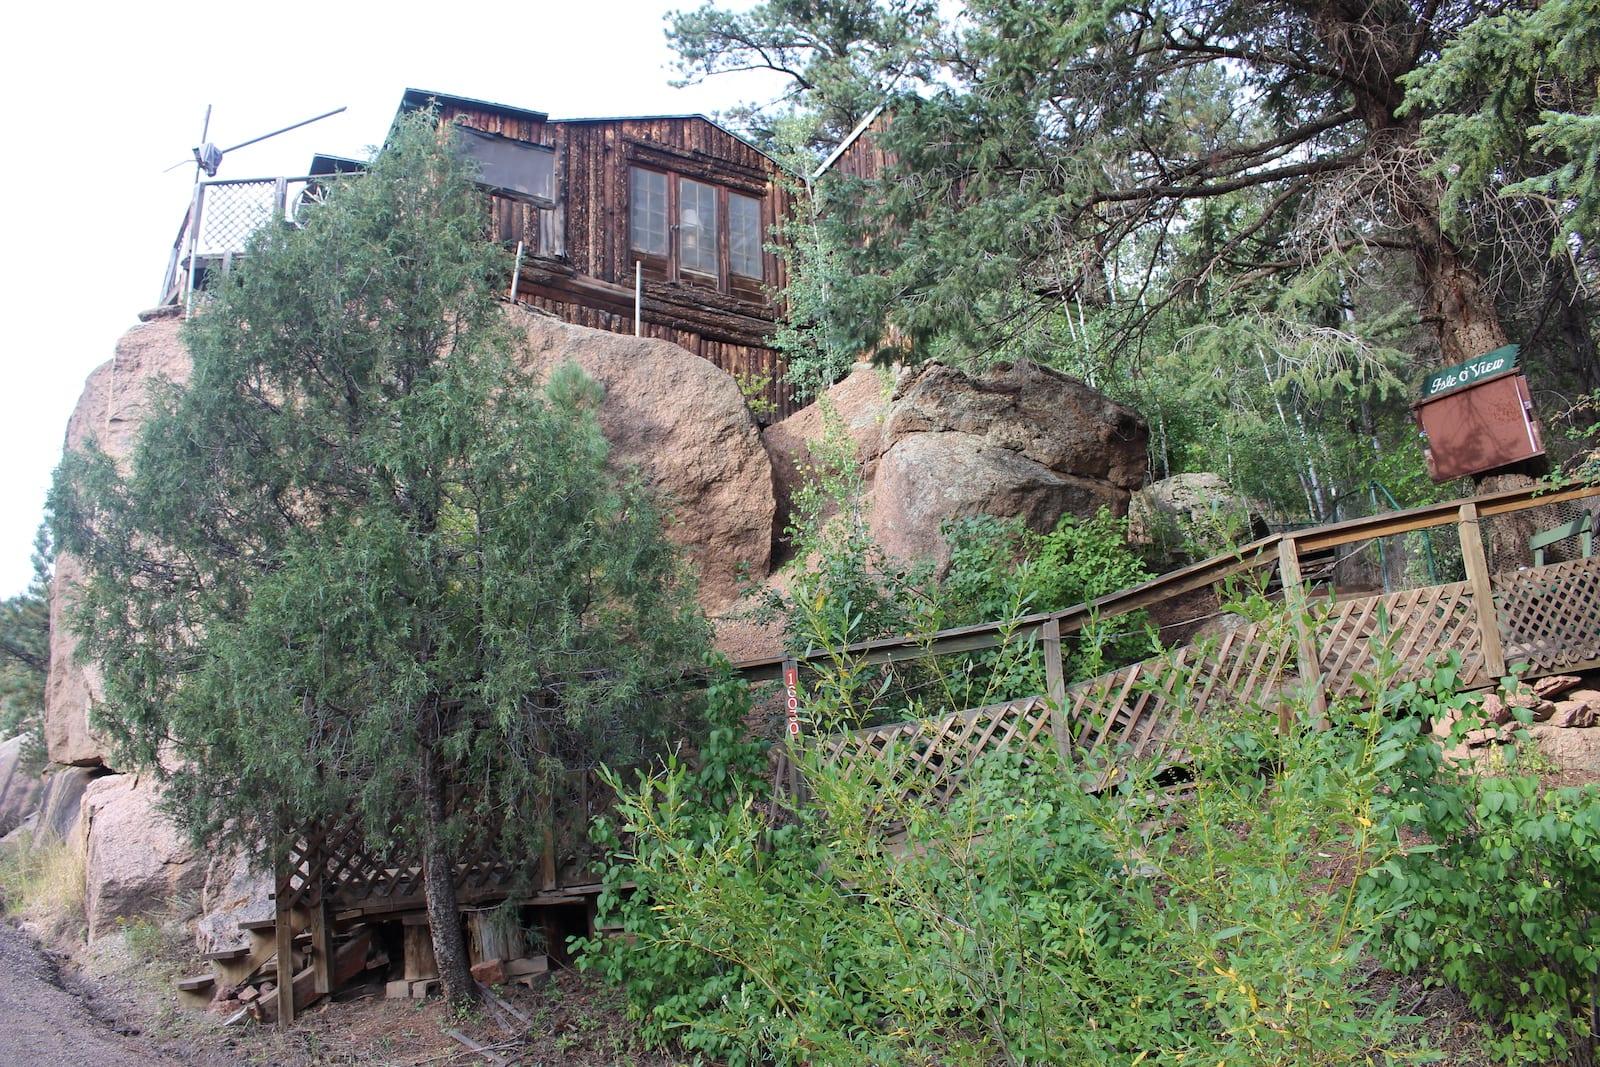 Pine Colorado Cabins